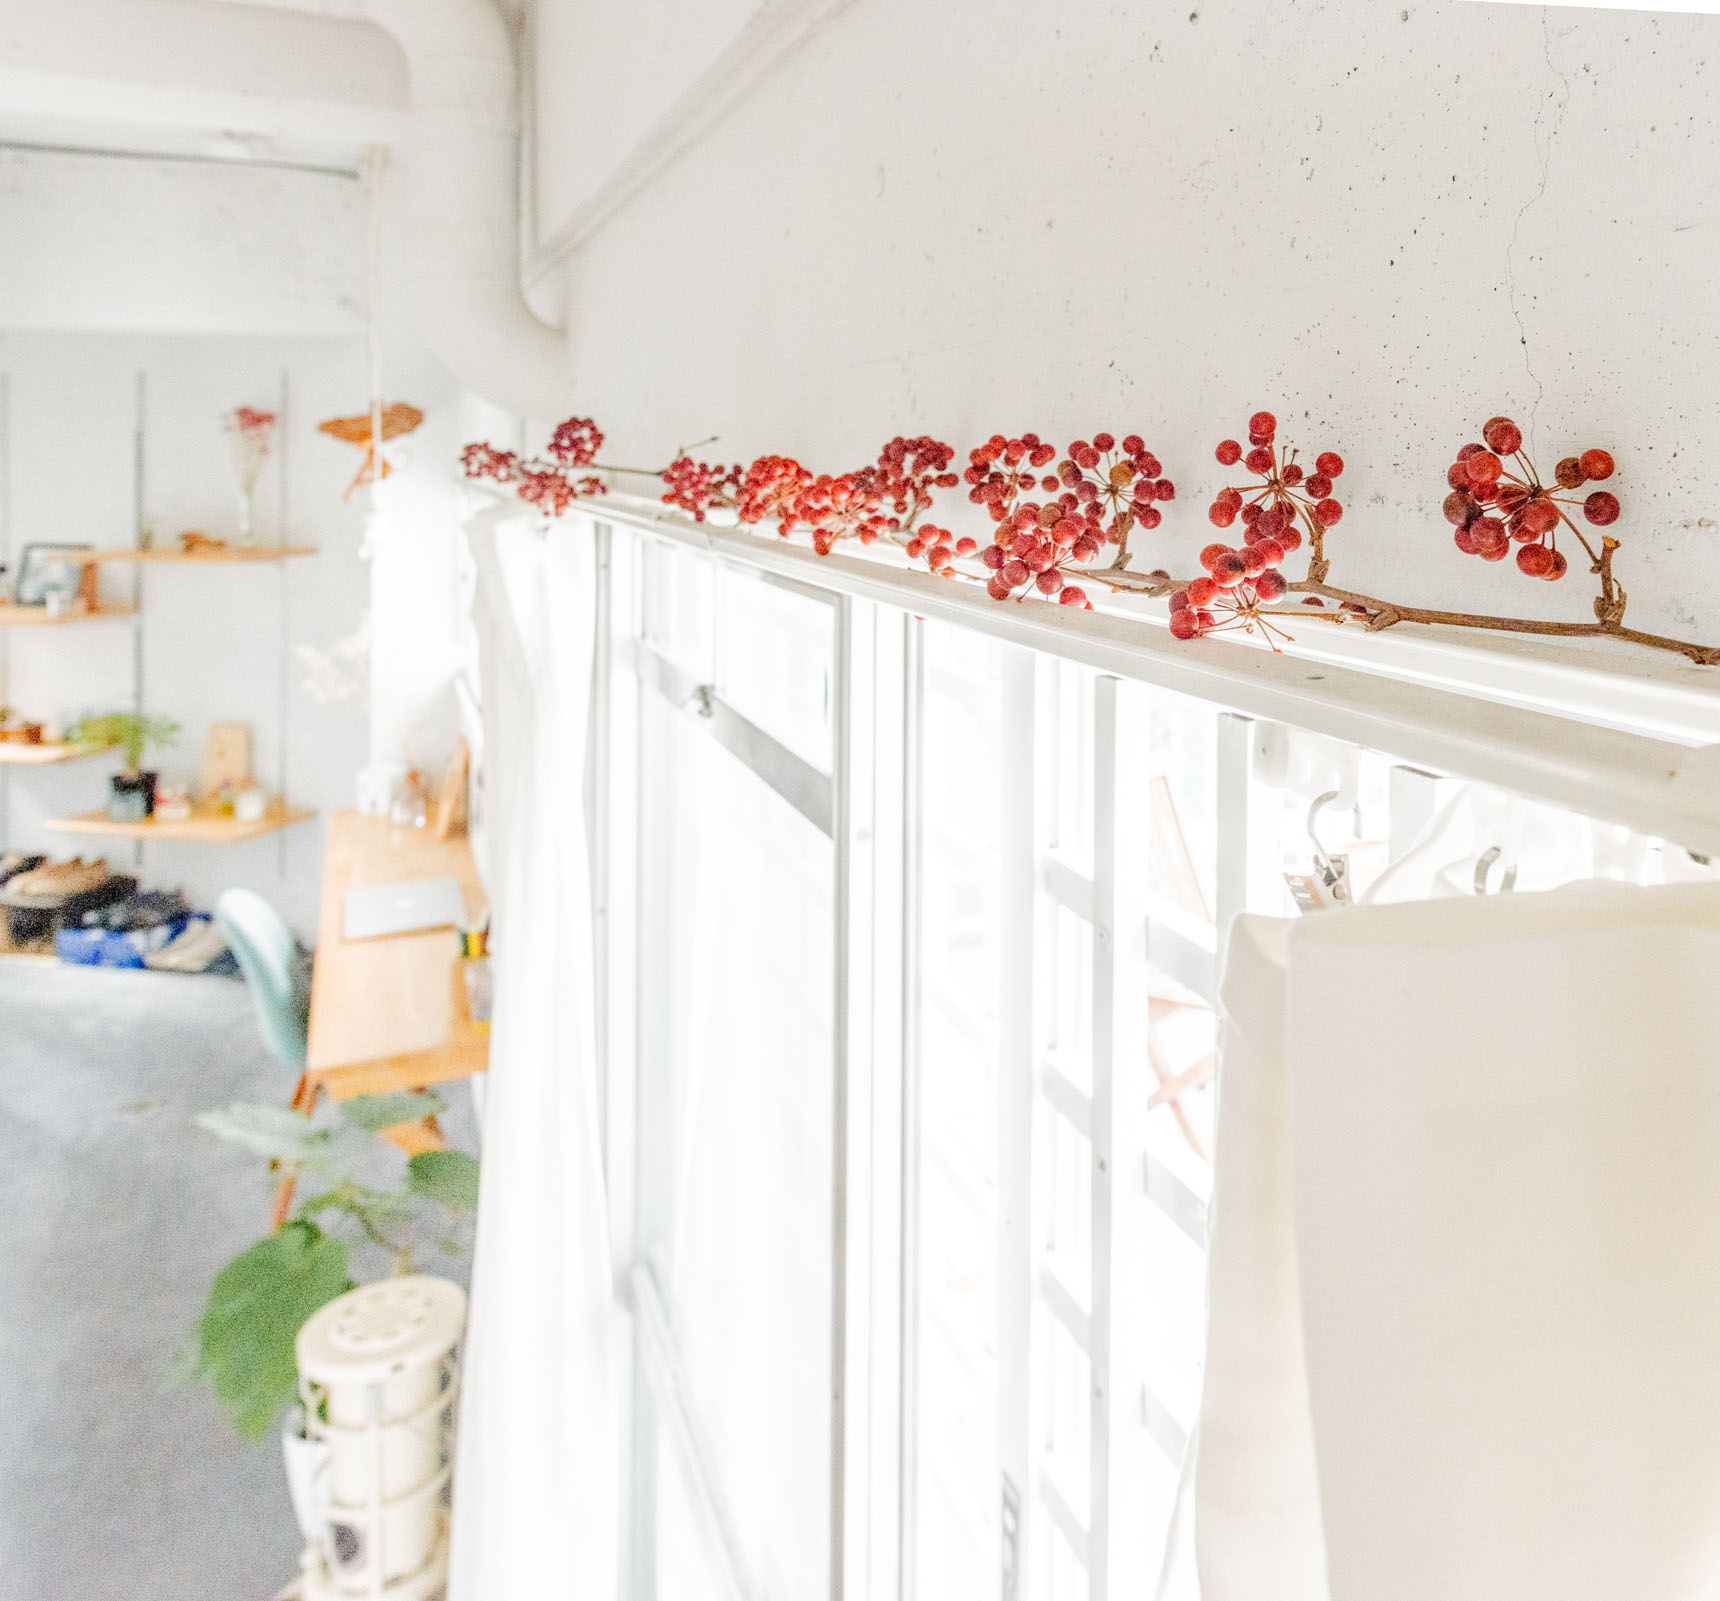 部屋のあちこちに置かれたオブジェやグリーンが素敵で、窓の上もこんな風に。全体的に白い内装に朱が映える。